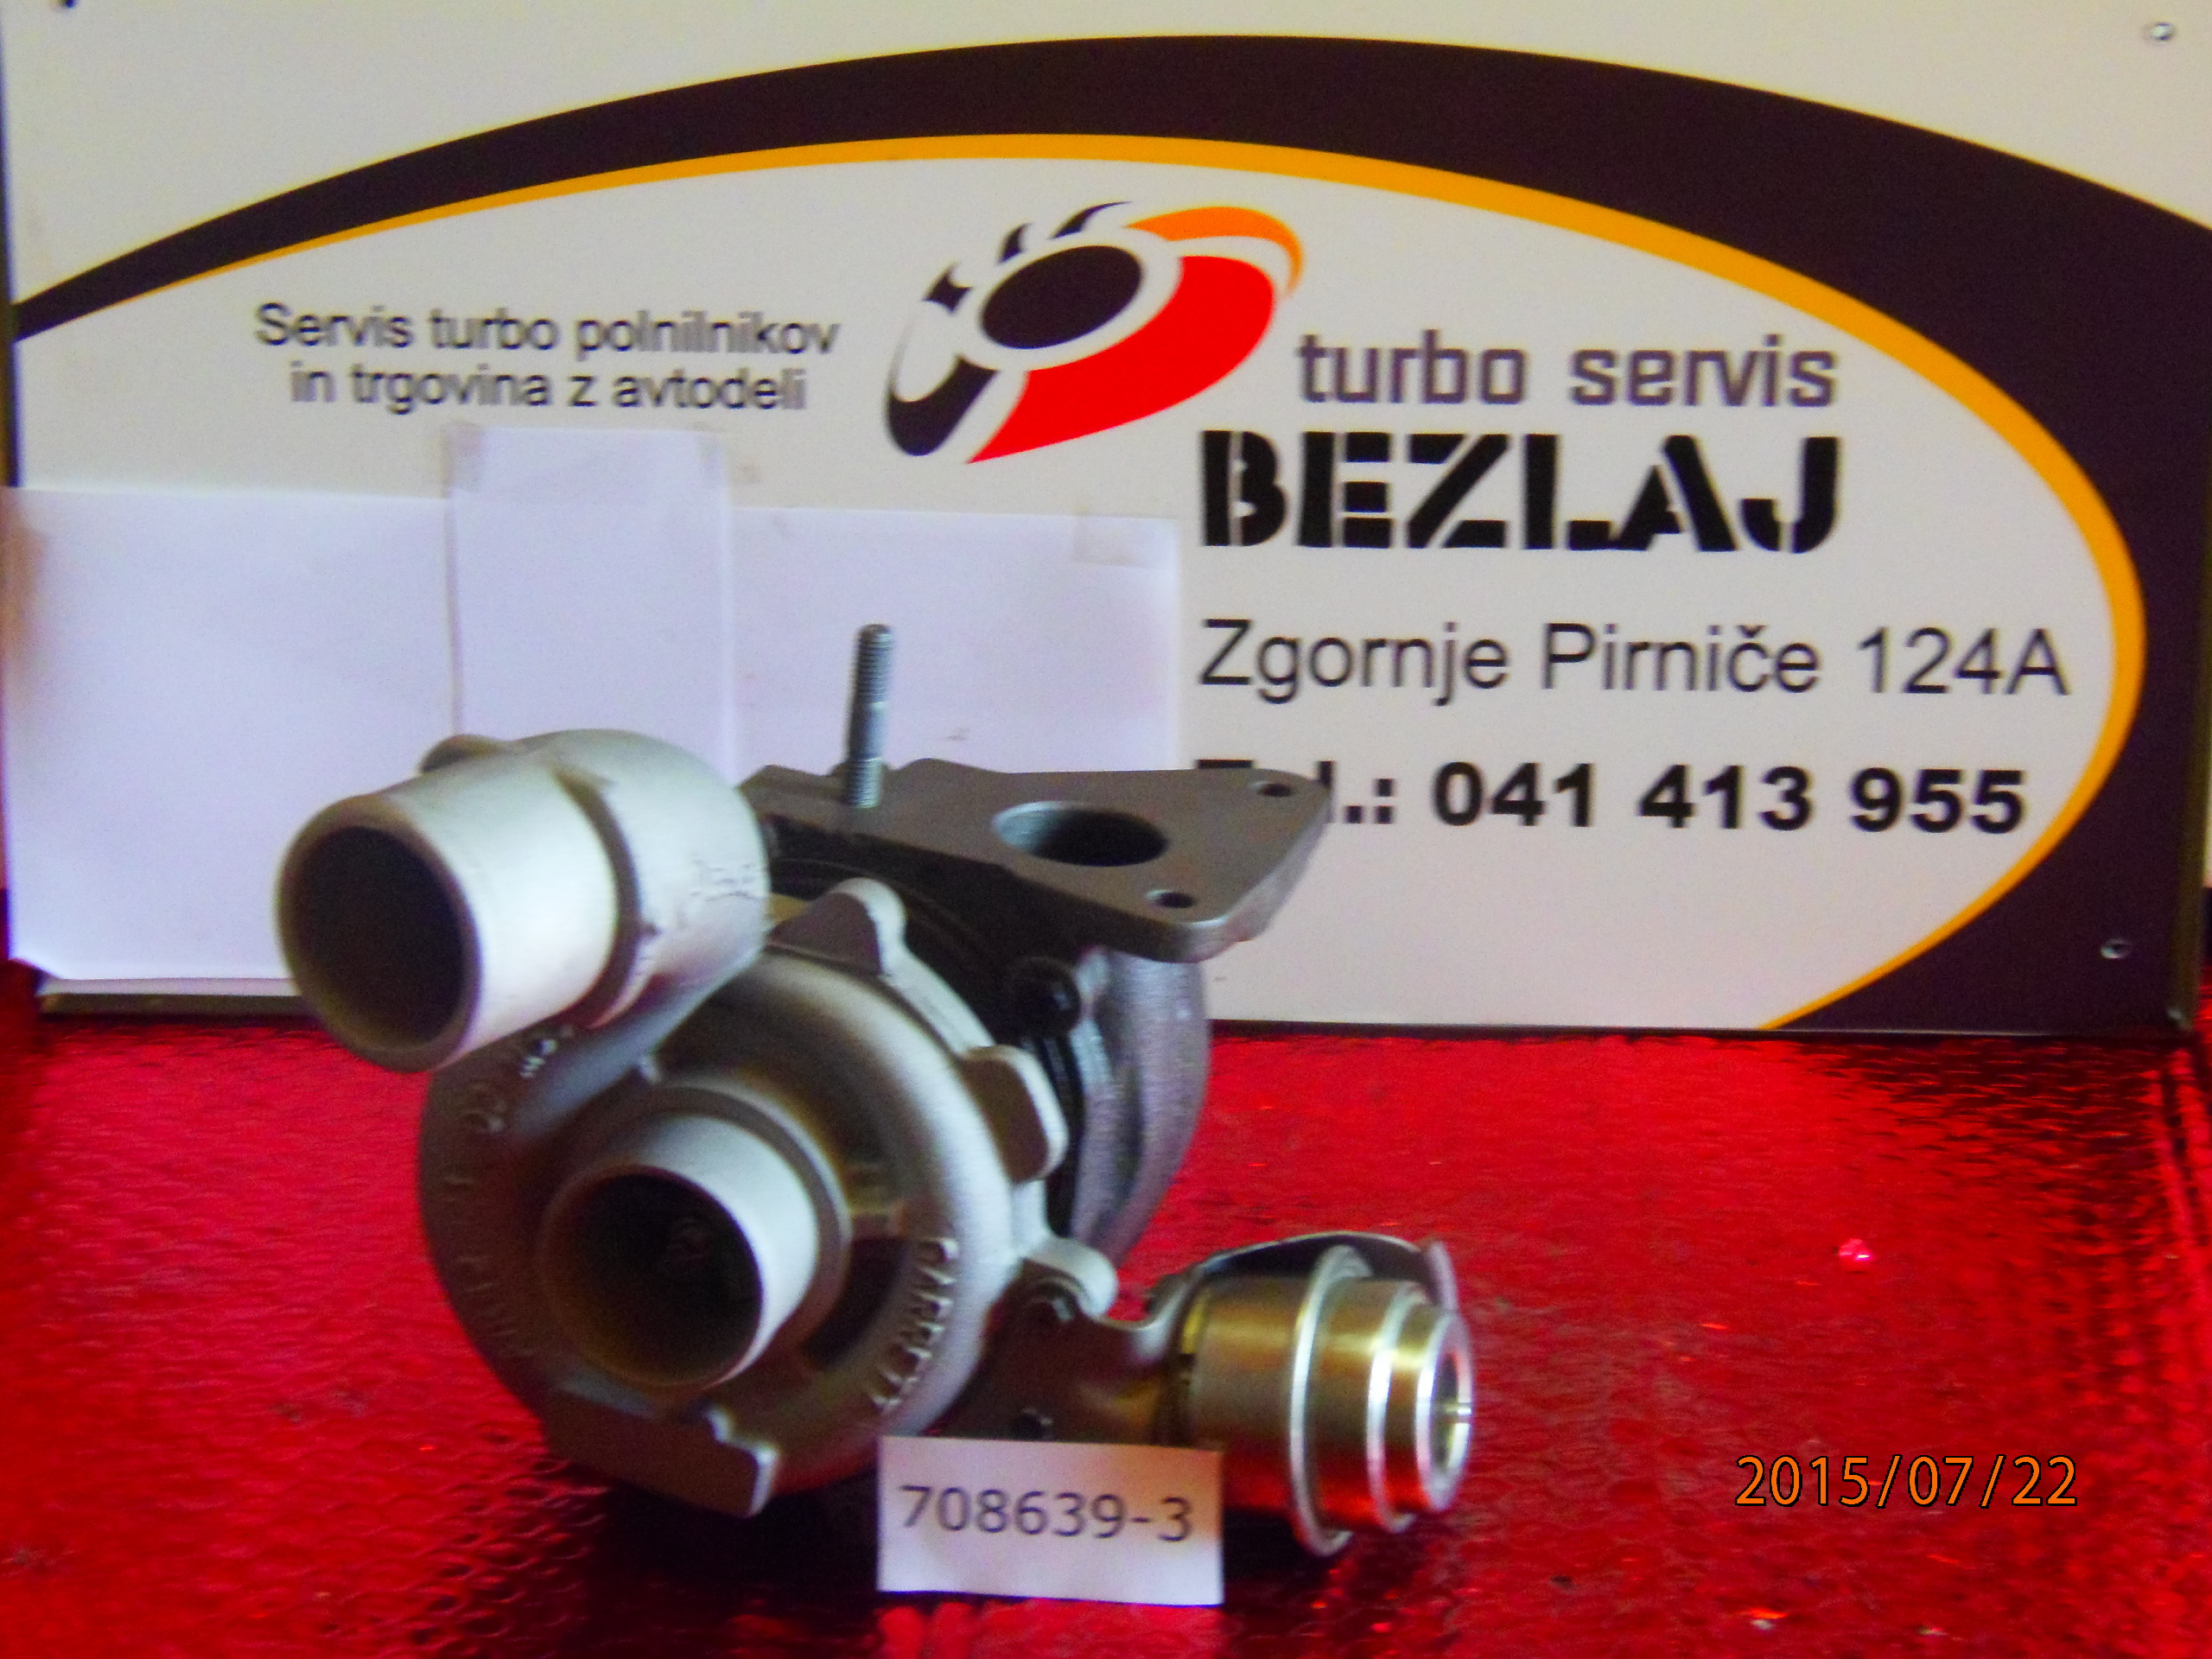 turbo708639-3